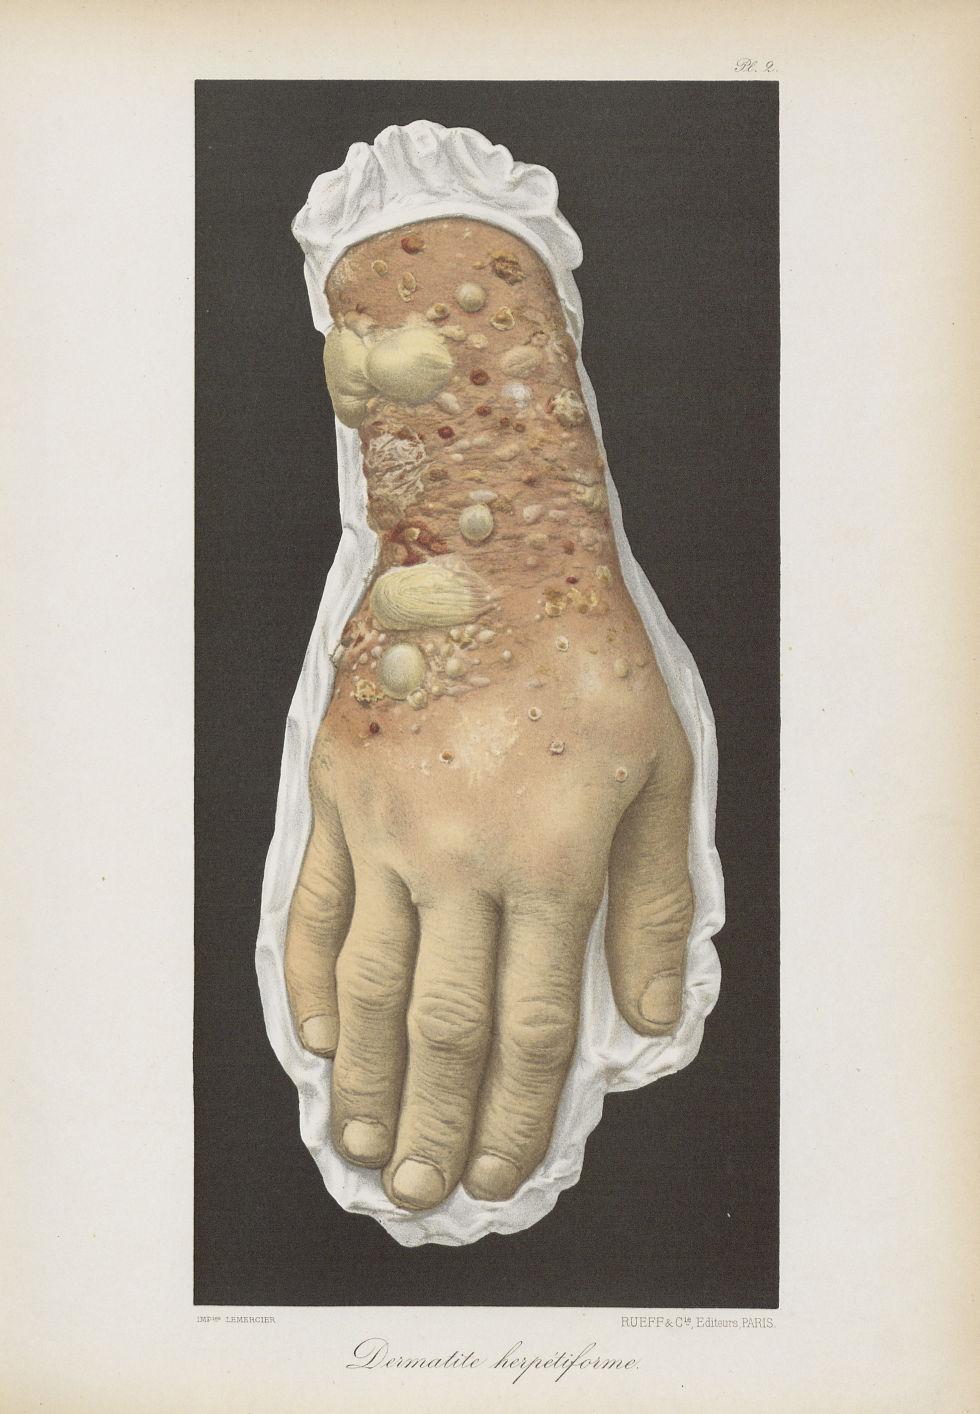 Dermatite herpétiforme - Le musée de l'hôpital Saint-Louis : iconographie des maladies cutanées et s [...] - Dermatologie (peau). Membres supérieurs. Poignets, mains. 19e siècle (France) - med01740x0018